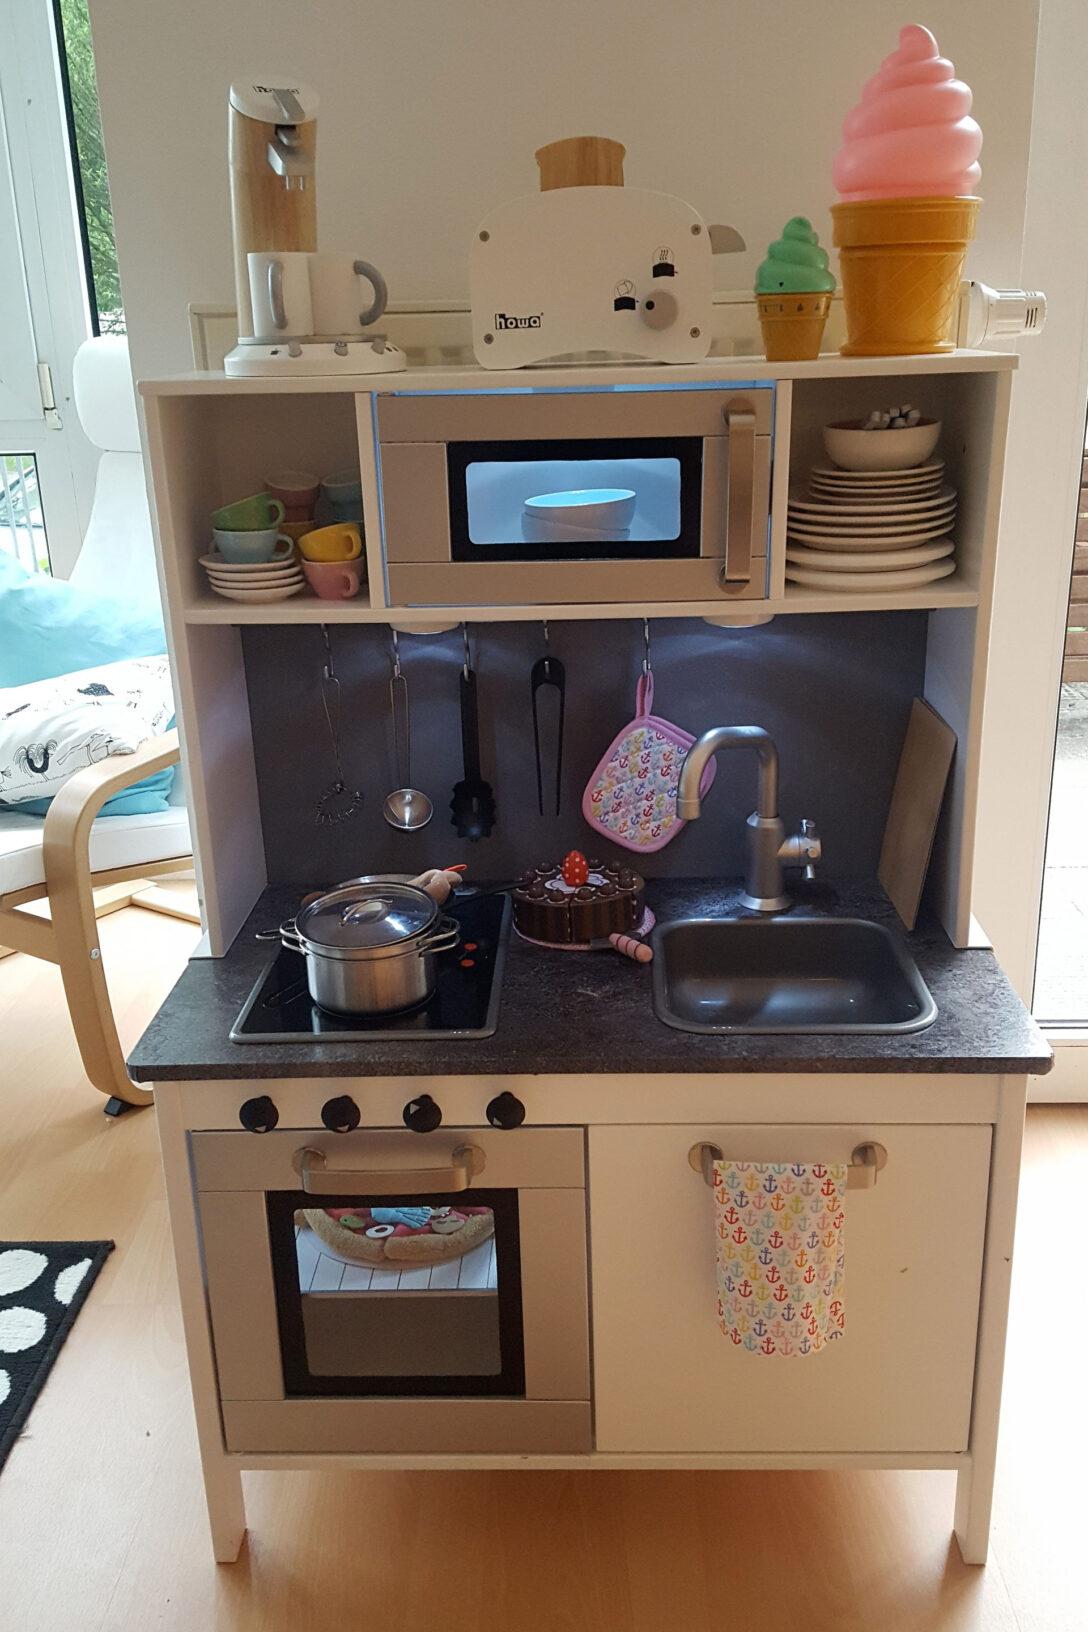 Large Size of Ikea Värde Miniküche Mit Kühlschrank Küche Kosten Betten Bei Sofa Schlaffunktion Modulküche 160x200 Stengel Kaufen Wohnzimmer Ikea Värde Miniküche